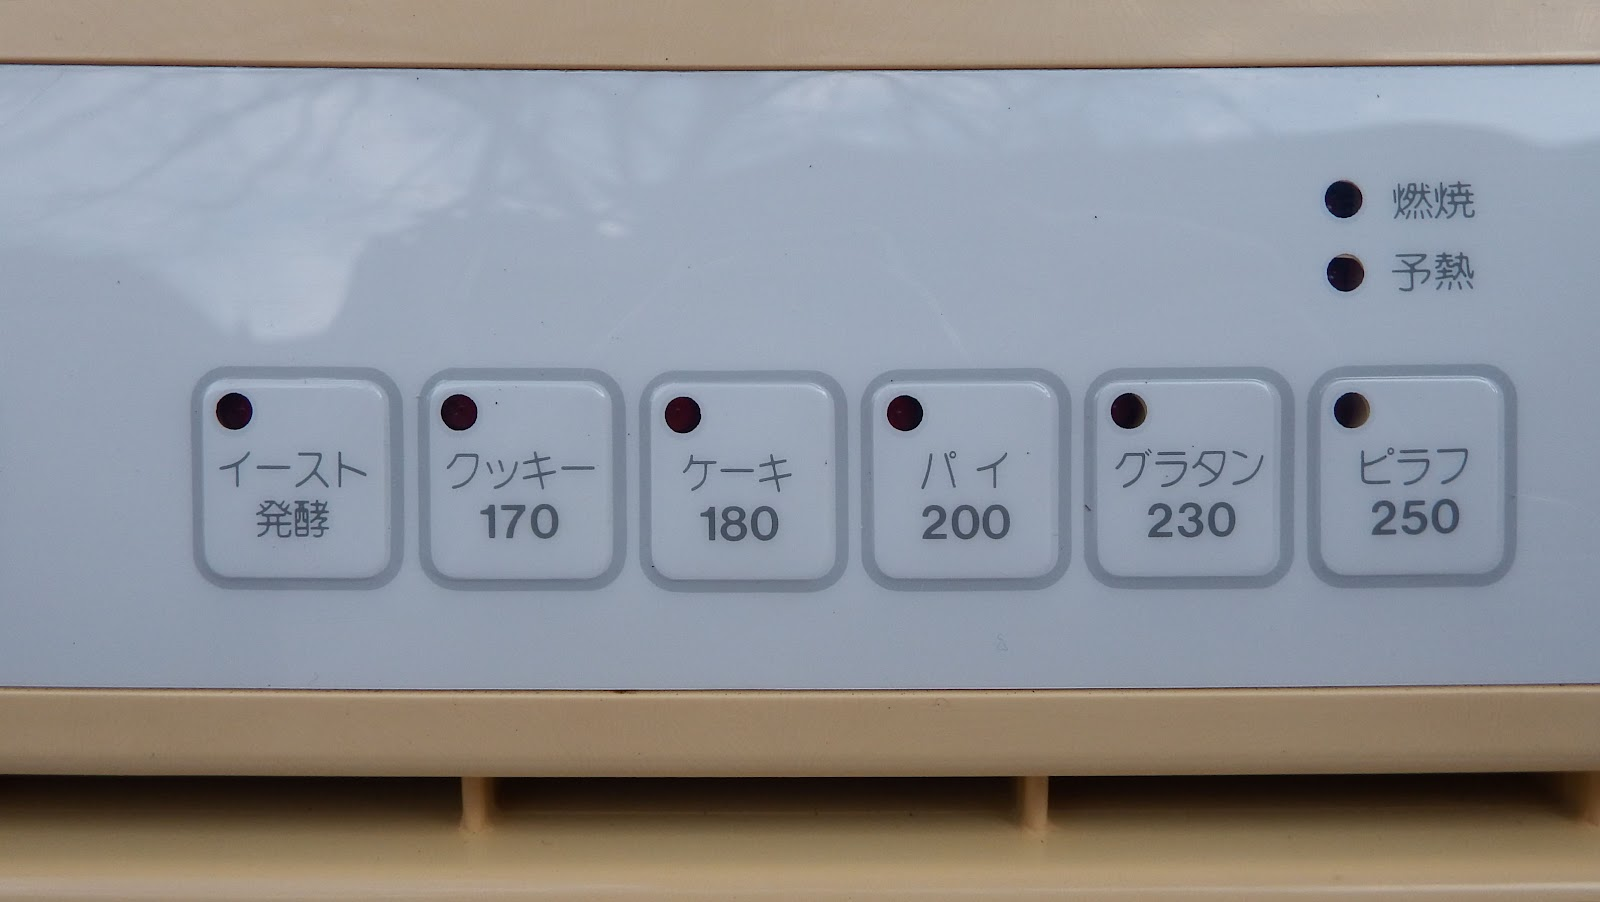 DSCF2440.JPG